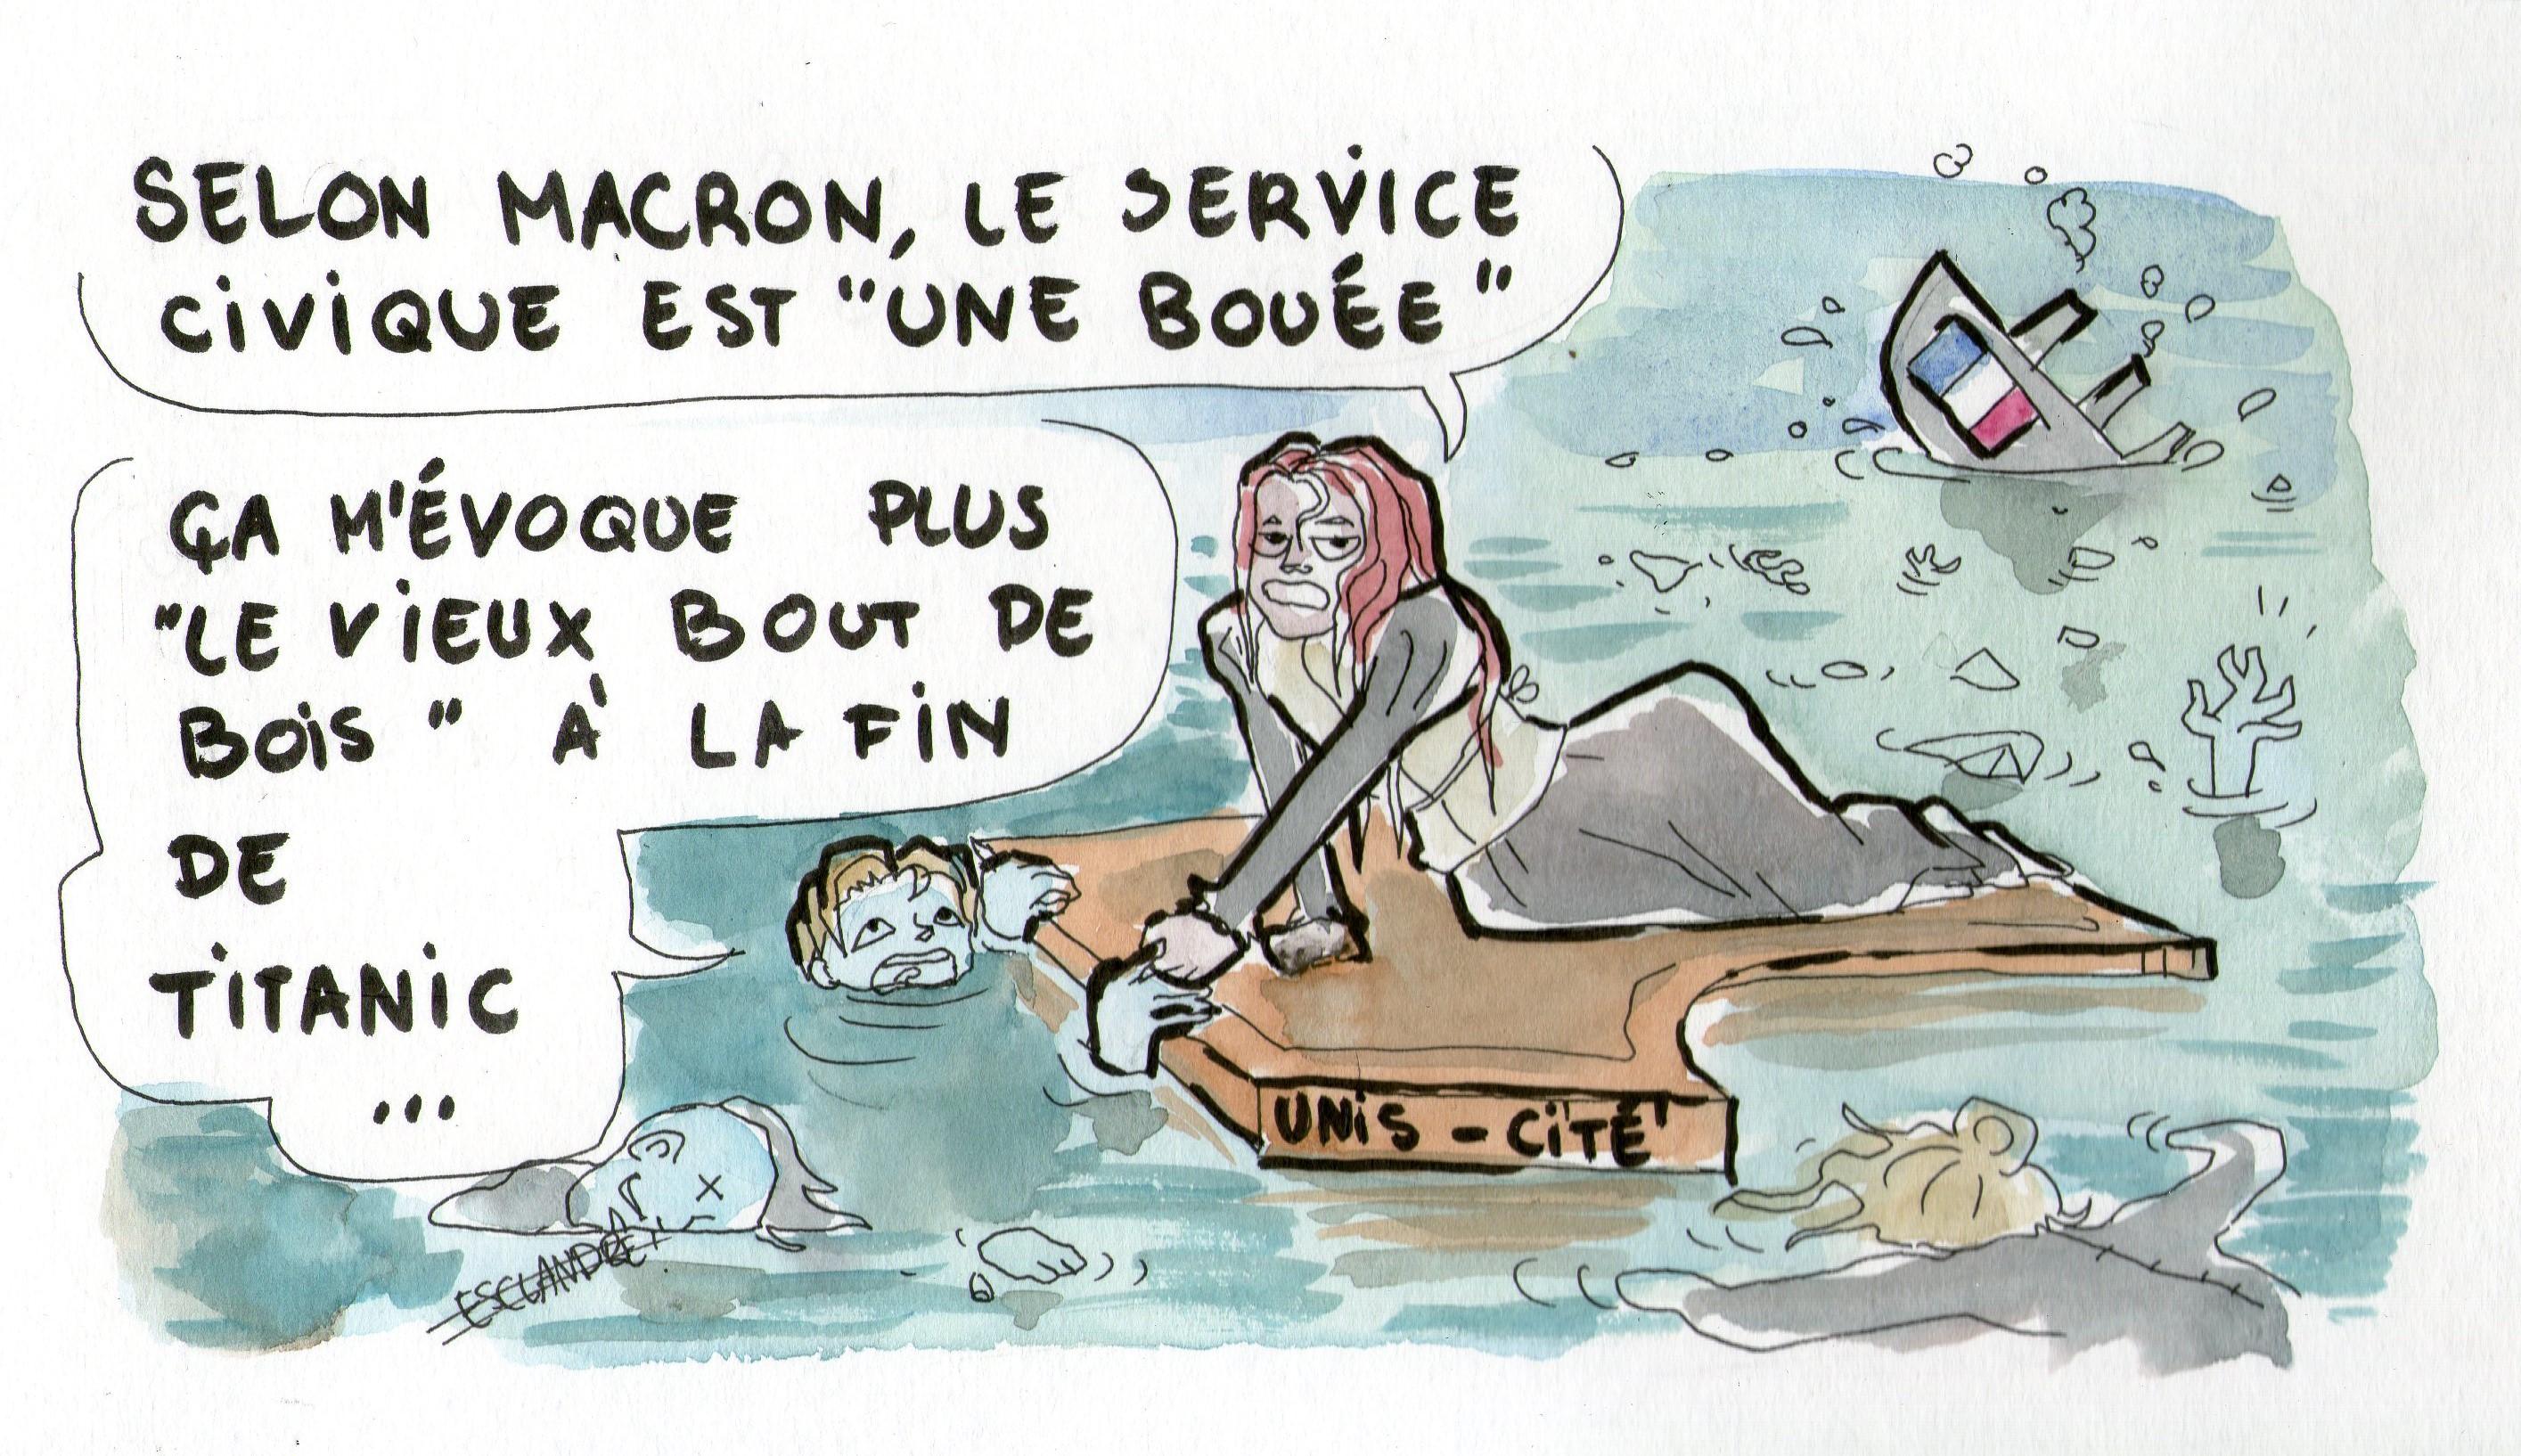 Selon Macron, le service civique est «une bouée»